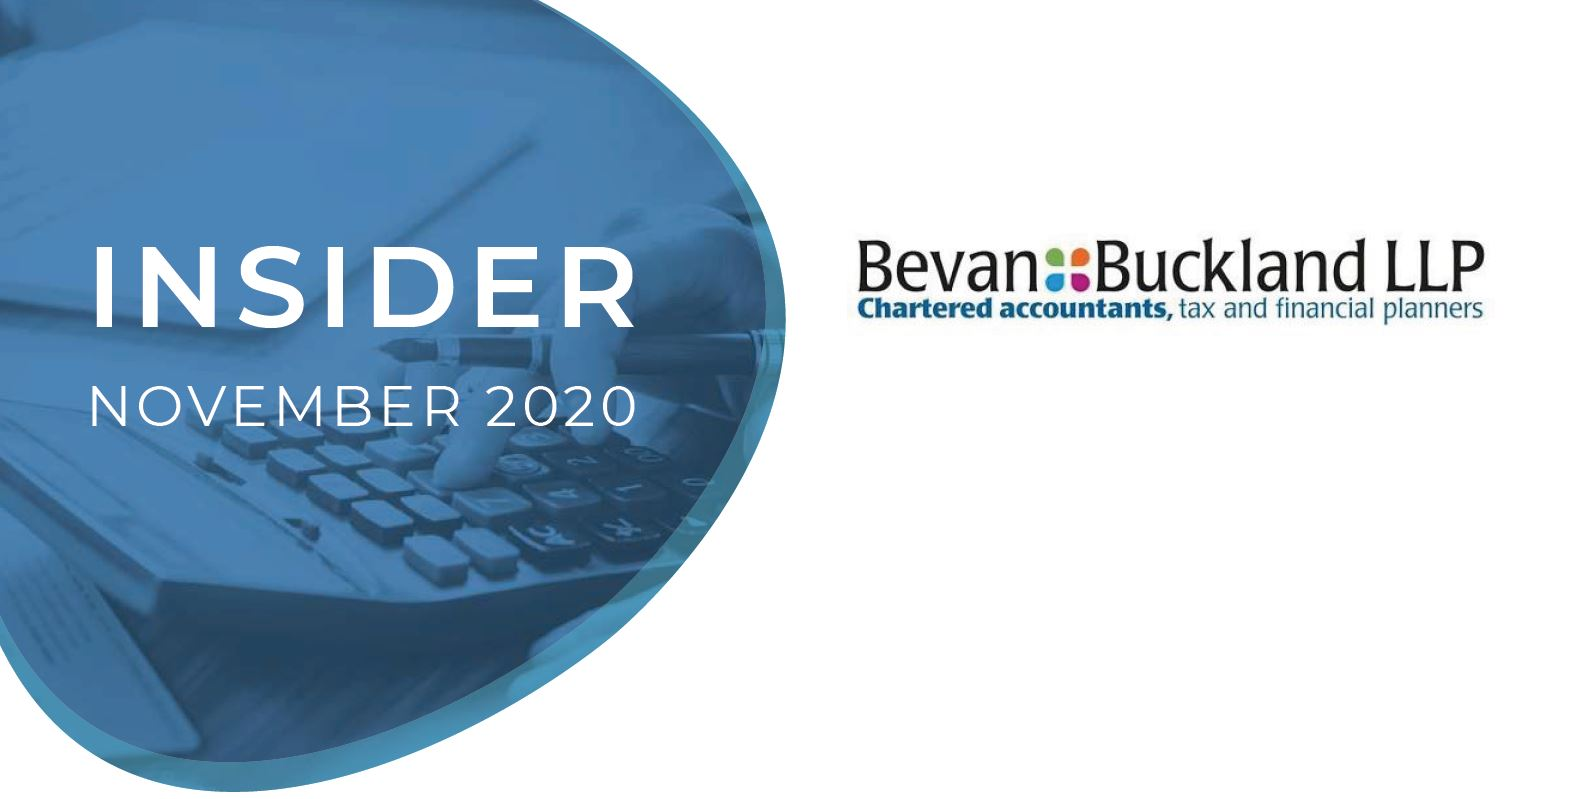 Business Insider Newsletter November 2020